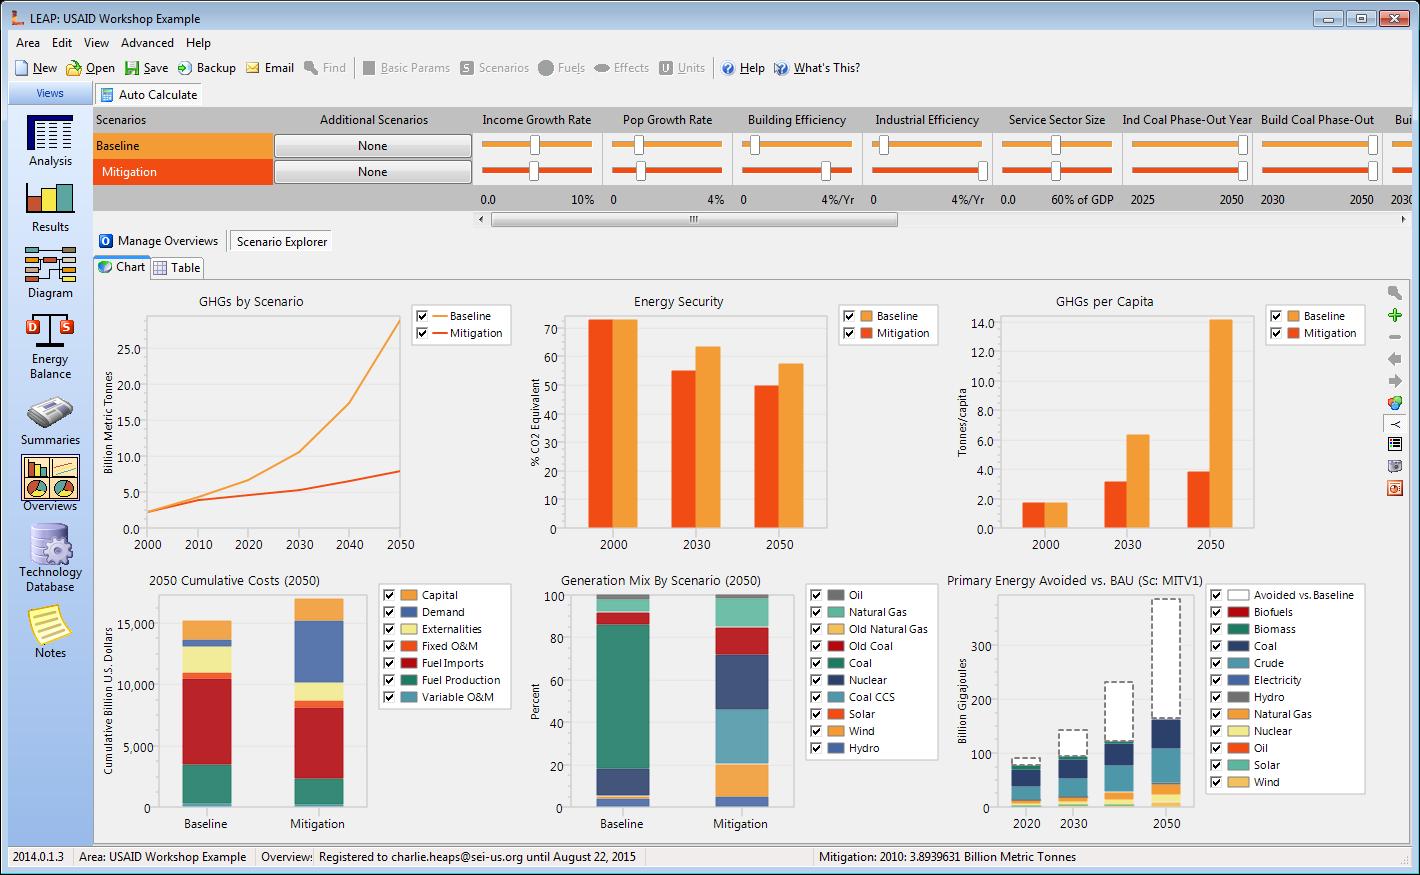 screenshot of LEAP tool